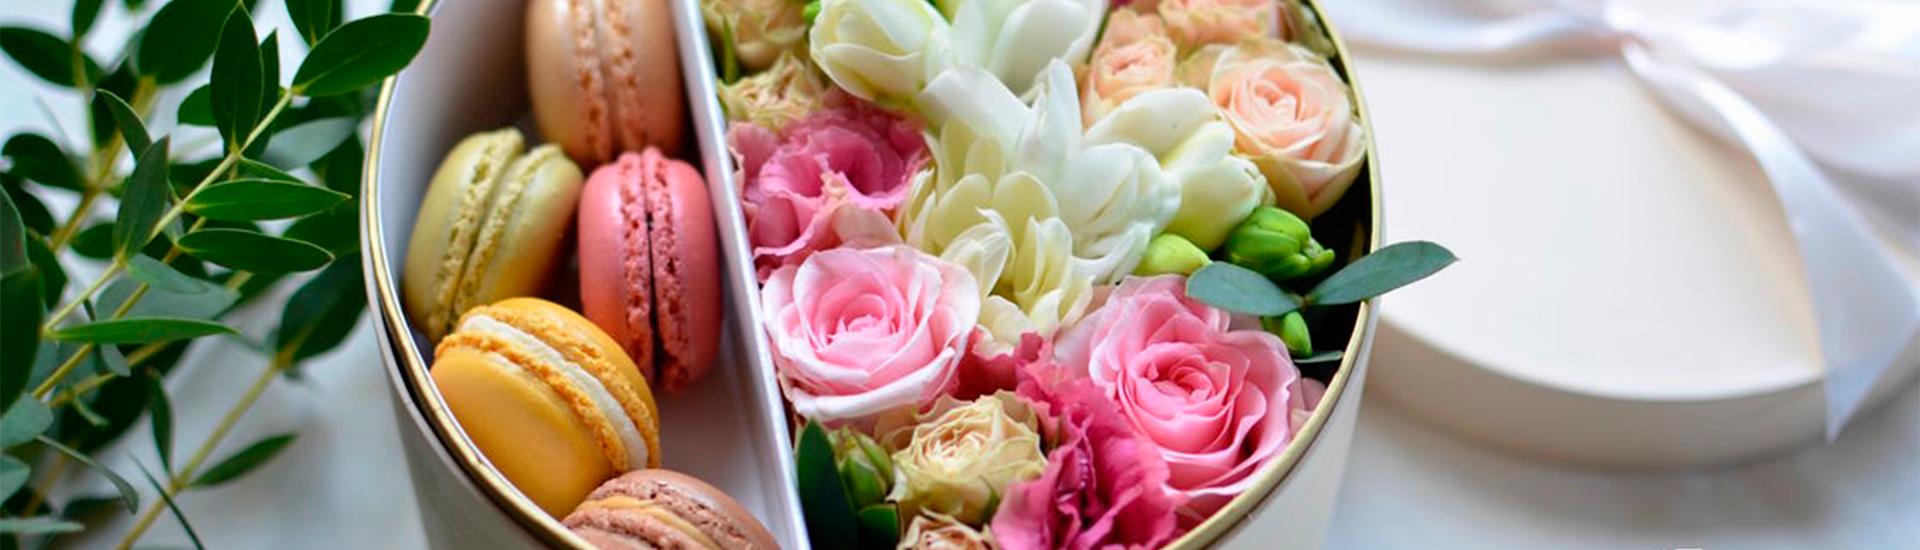 Цветы в подарочных коробках с макаронс